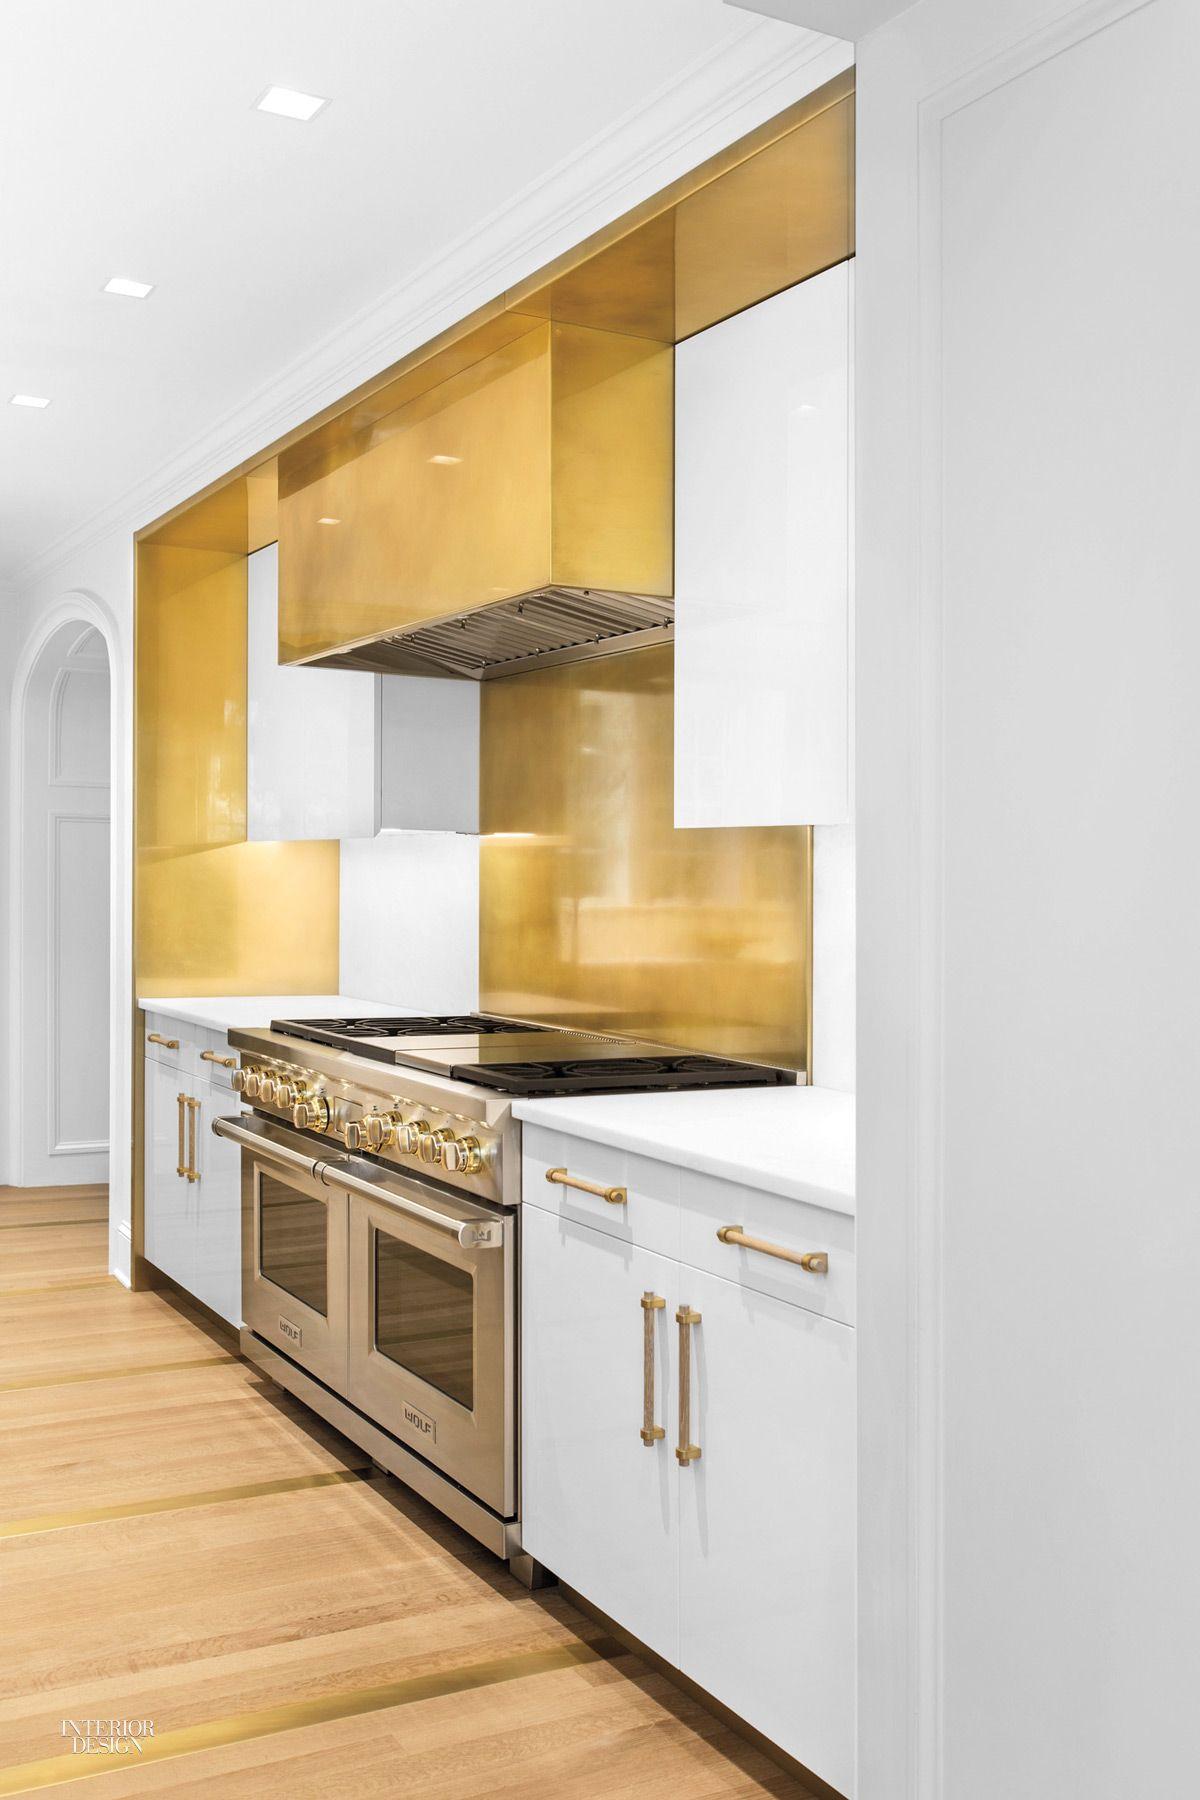 Moderno Diseño De La Cocina Herramienta En Línea Nz Fotos - Ideas de ...